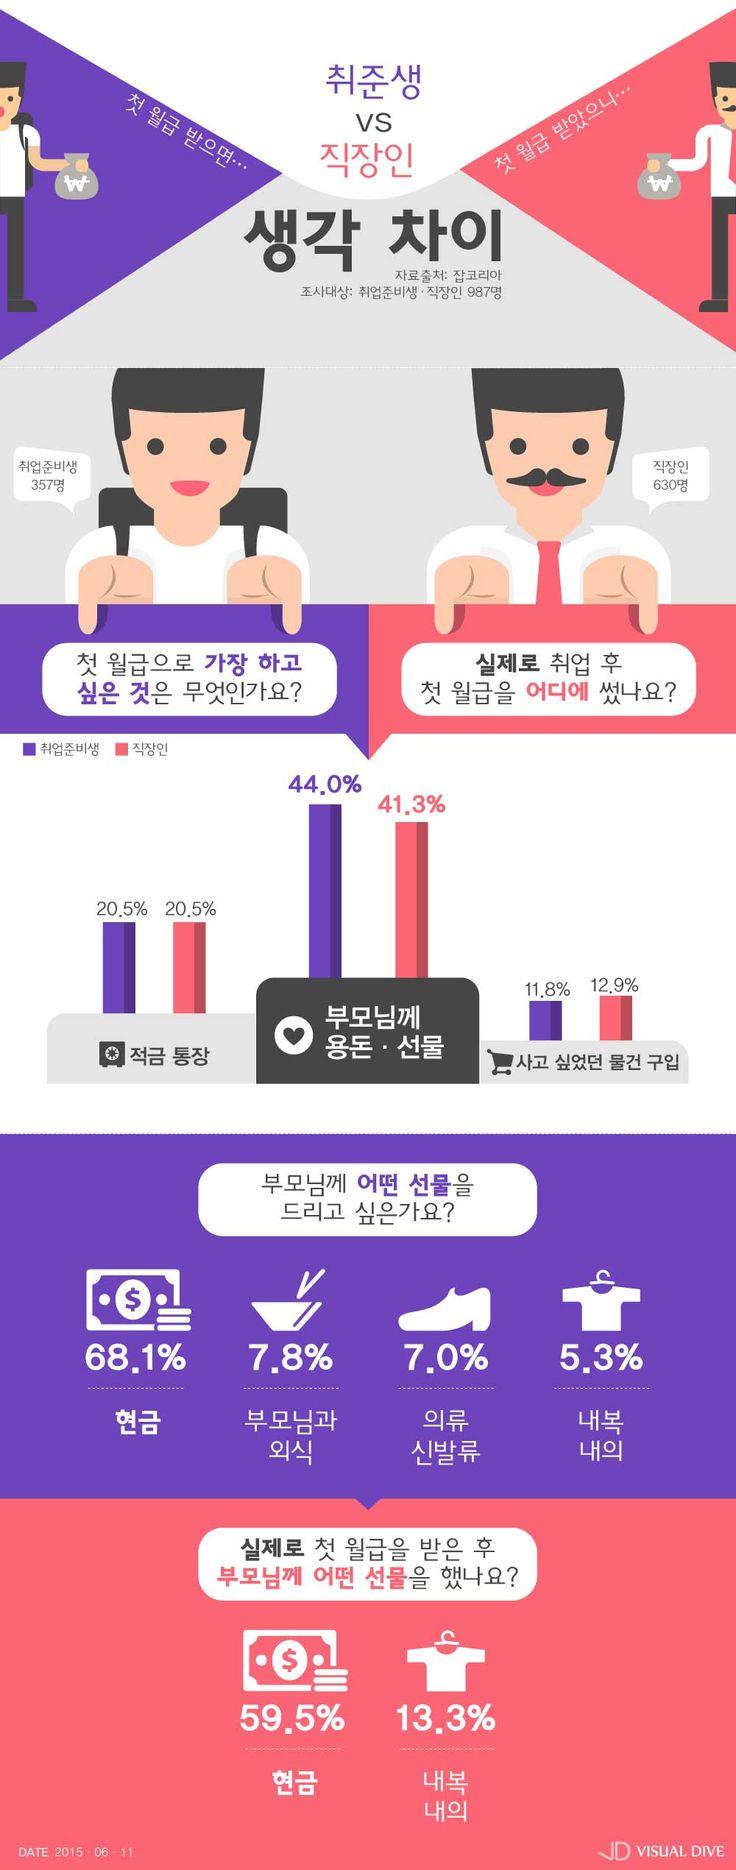 취업준비생, '금쪽같은 첫 월급은 부모님께' [인포그래픽] #Salary / #Infographic ⓒ 비주얼다이브 무단 복사·전재·재배포 금지